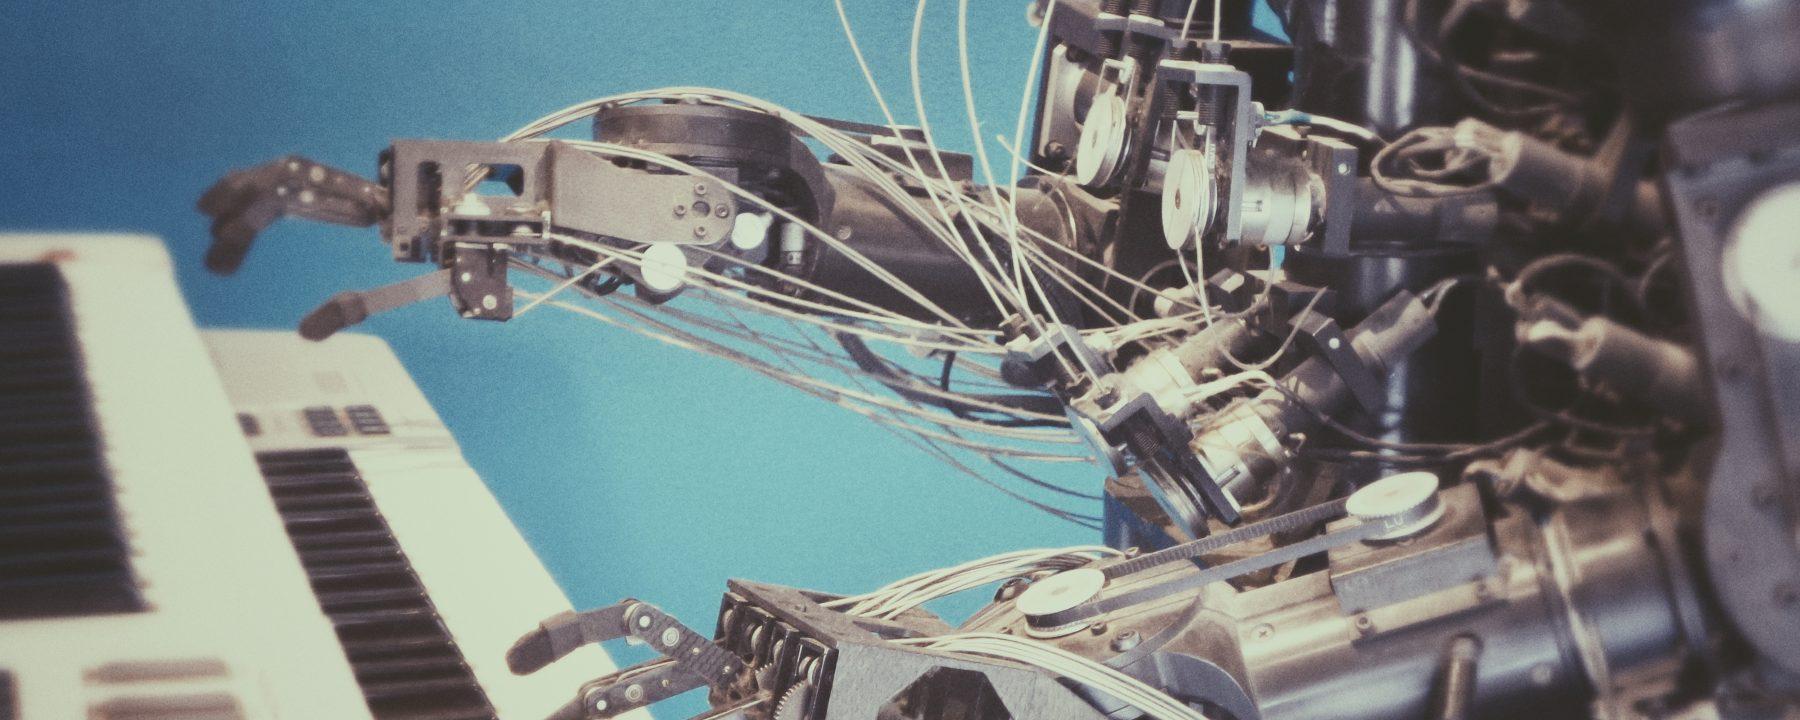 kunstig intelligens og sociale robotter